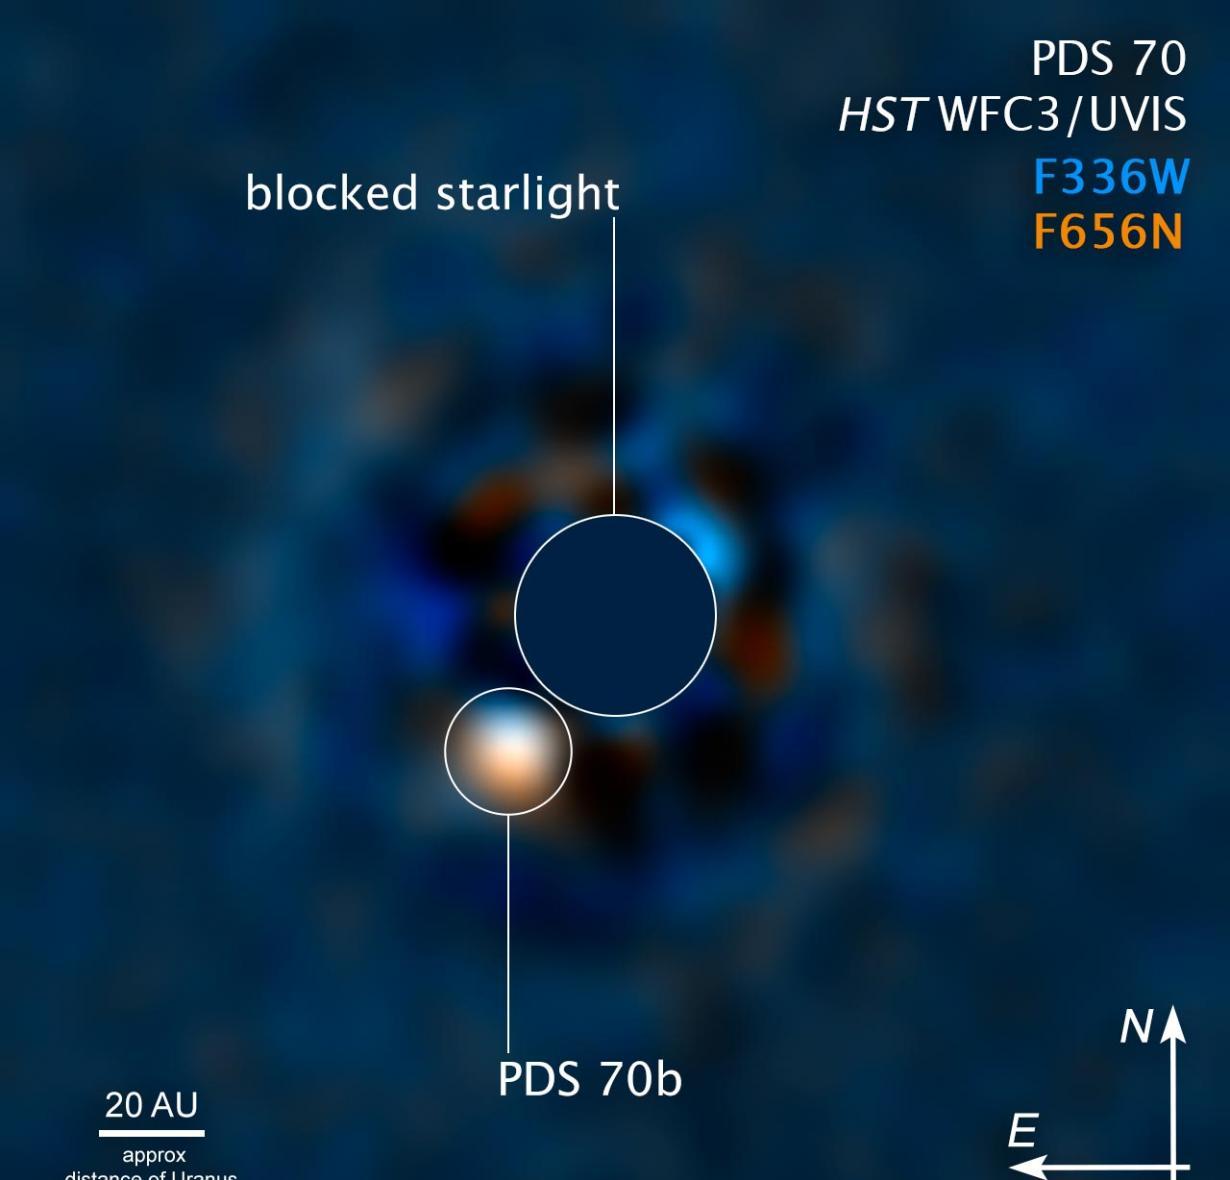 哈勃望远镜观察到遥远太阳系PDS 70正处于形成过程的巨大系外行星